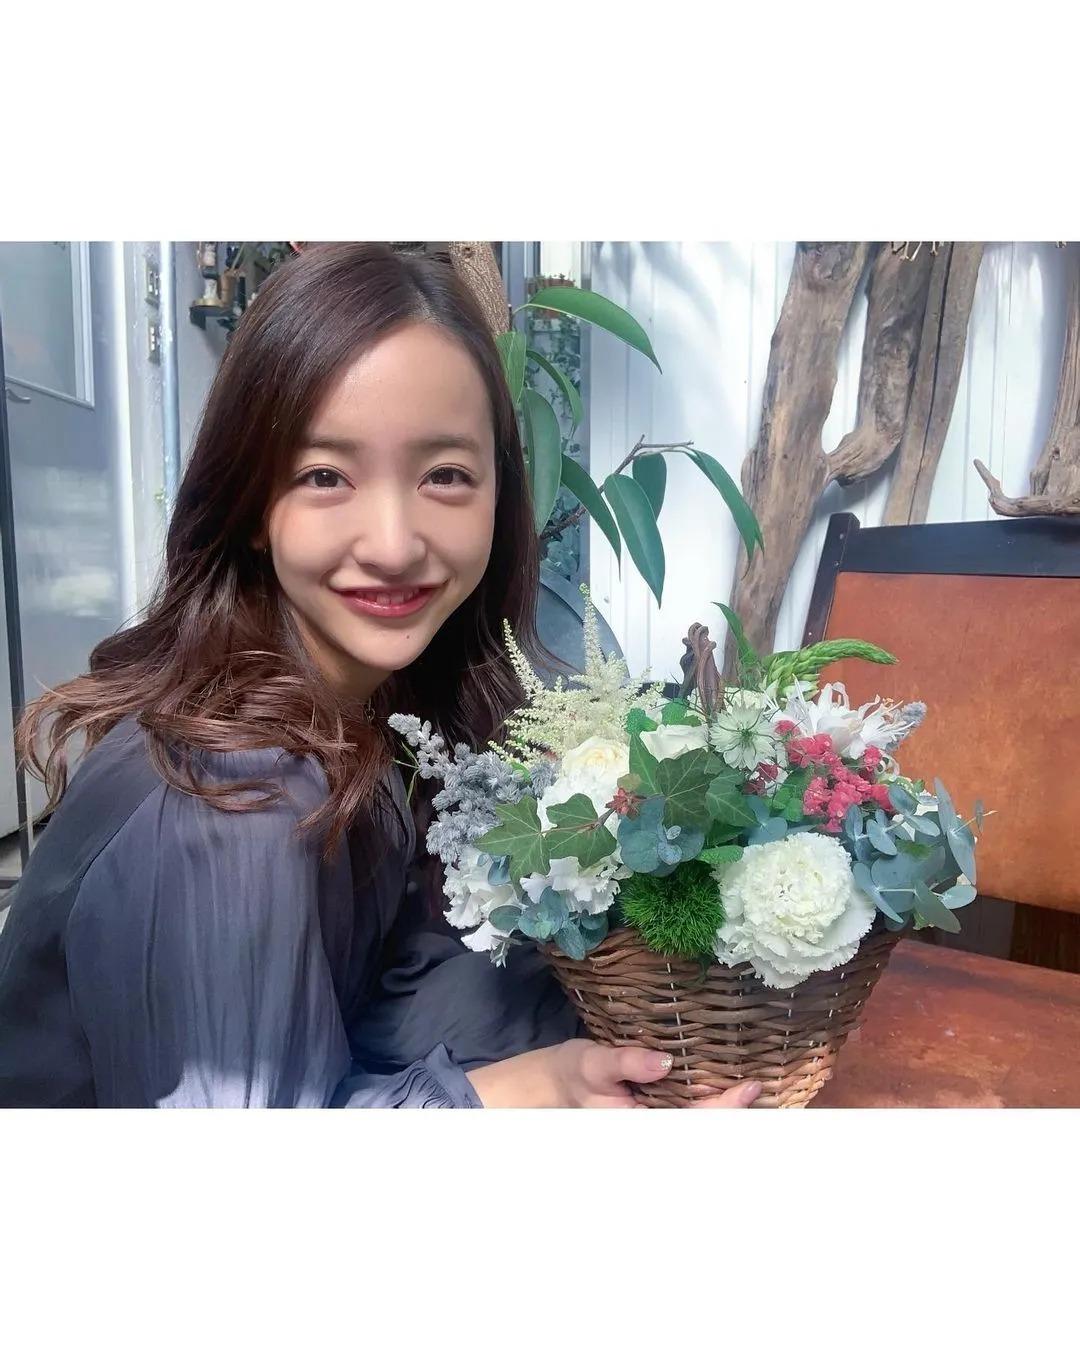 日本AKB48初代神7之一的板野友美突然闪婚,丈夫居然还比自己小6岁 (11)